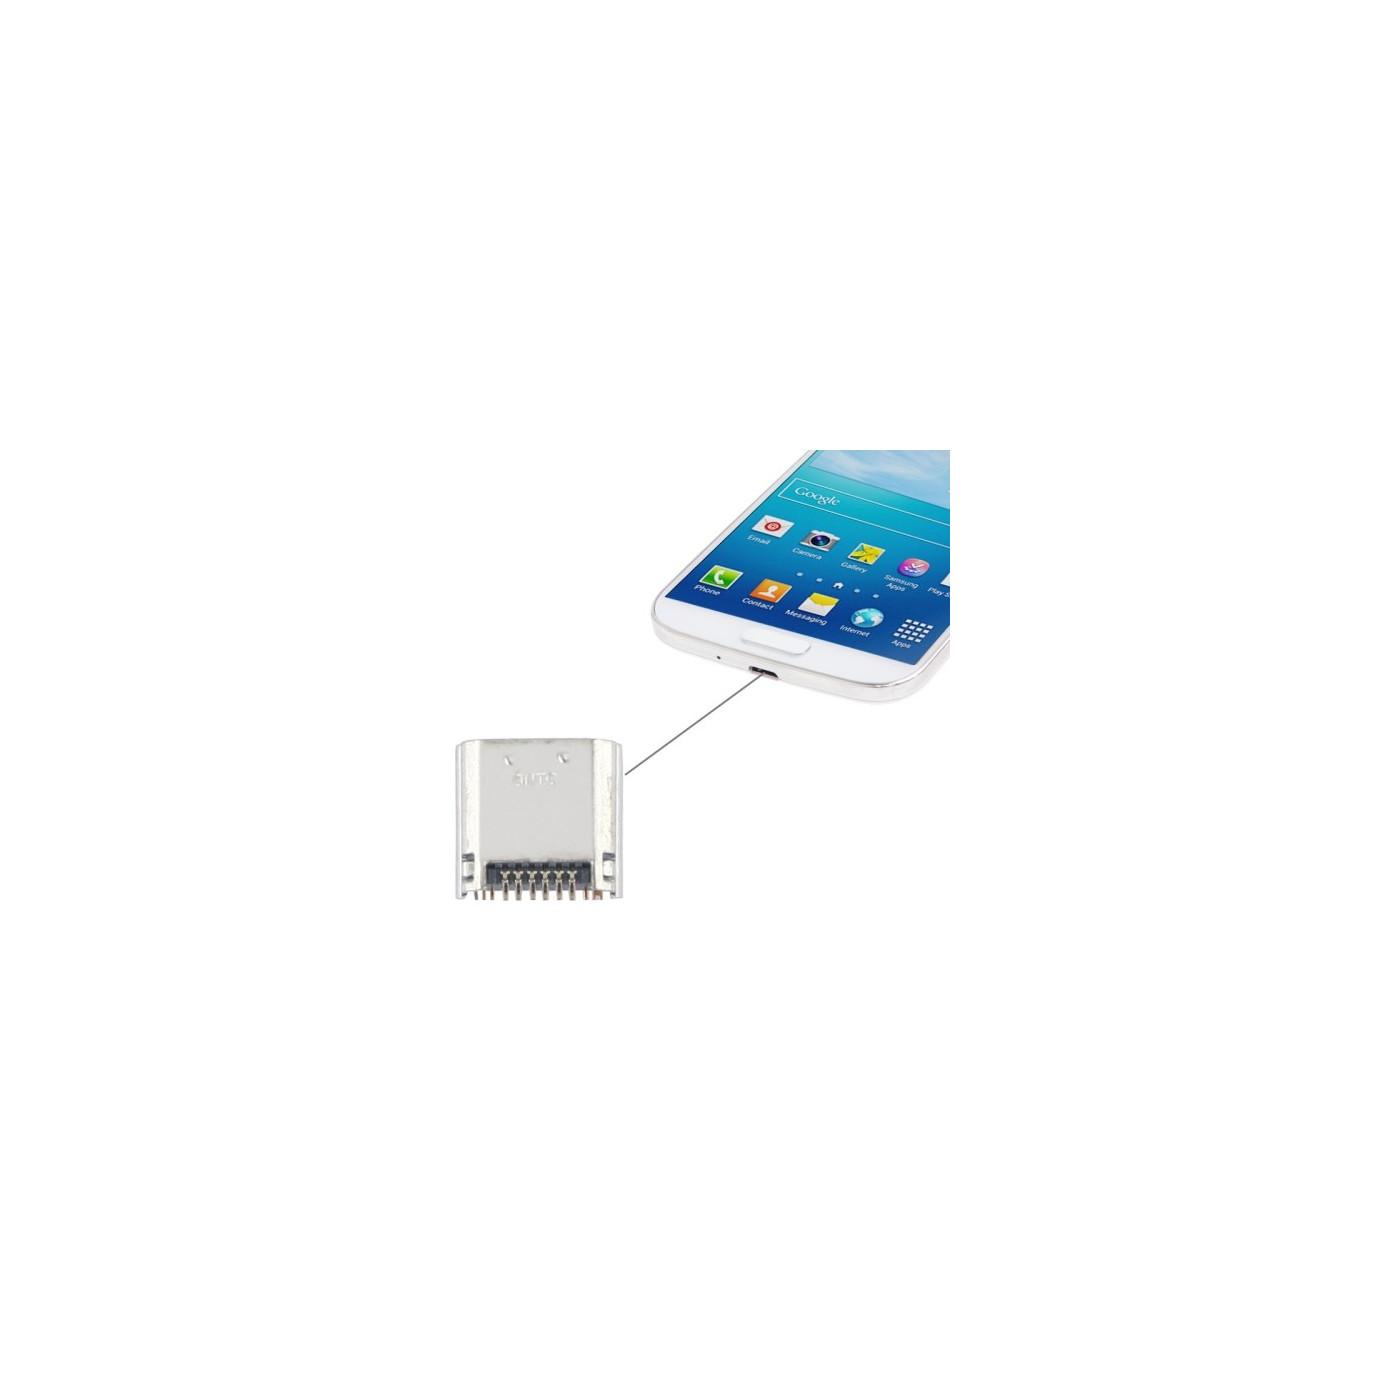 Conector de carga para los datos de carga del muelle Galaxy Mega 6.3 i9200